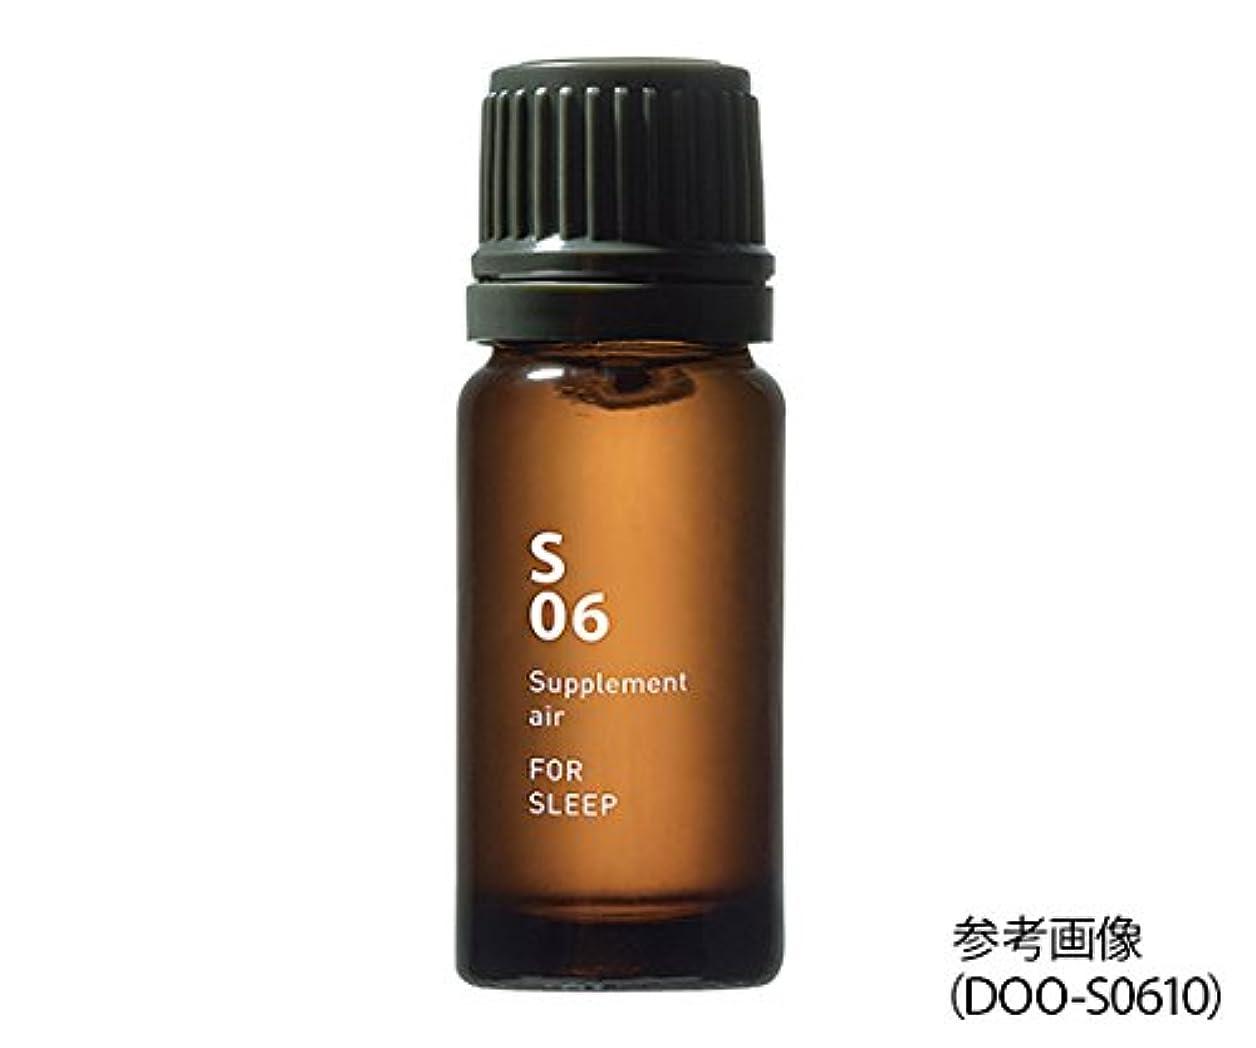 意見アレルギー主権者アットアロマ7-3511-02ブレンドアロマオイルSupplementairスリープ(ラベンダーハーブ)